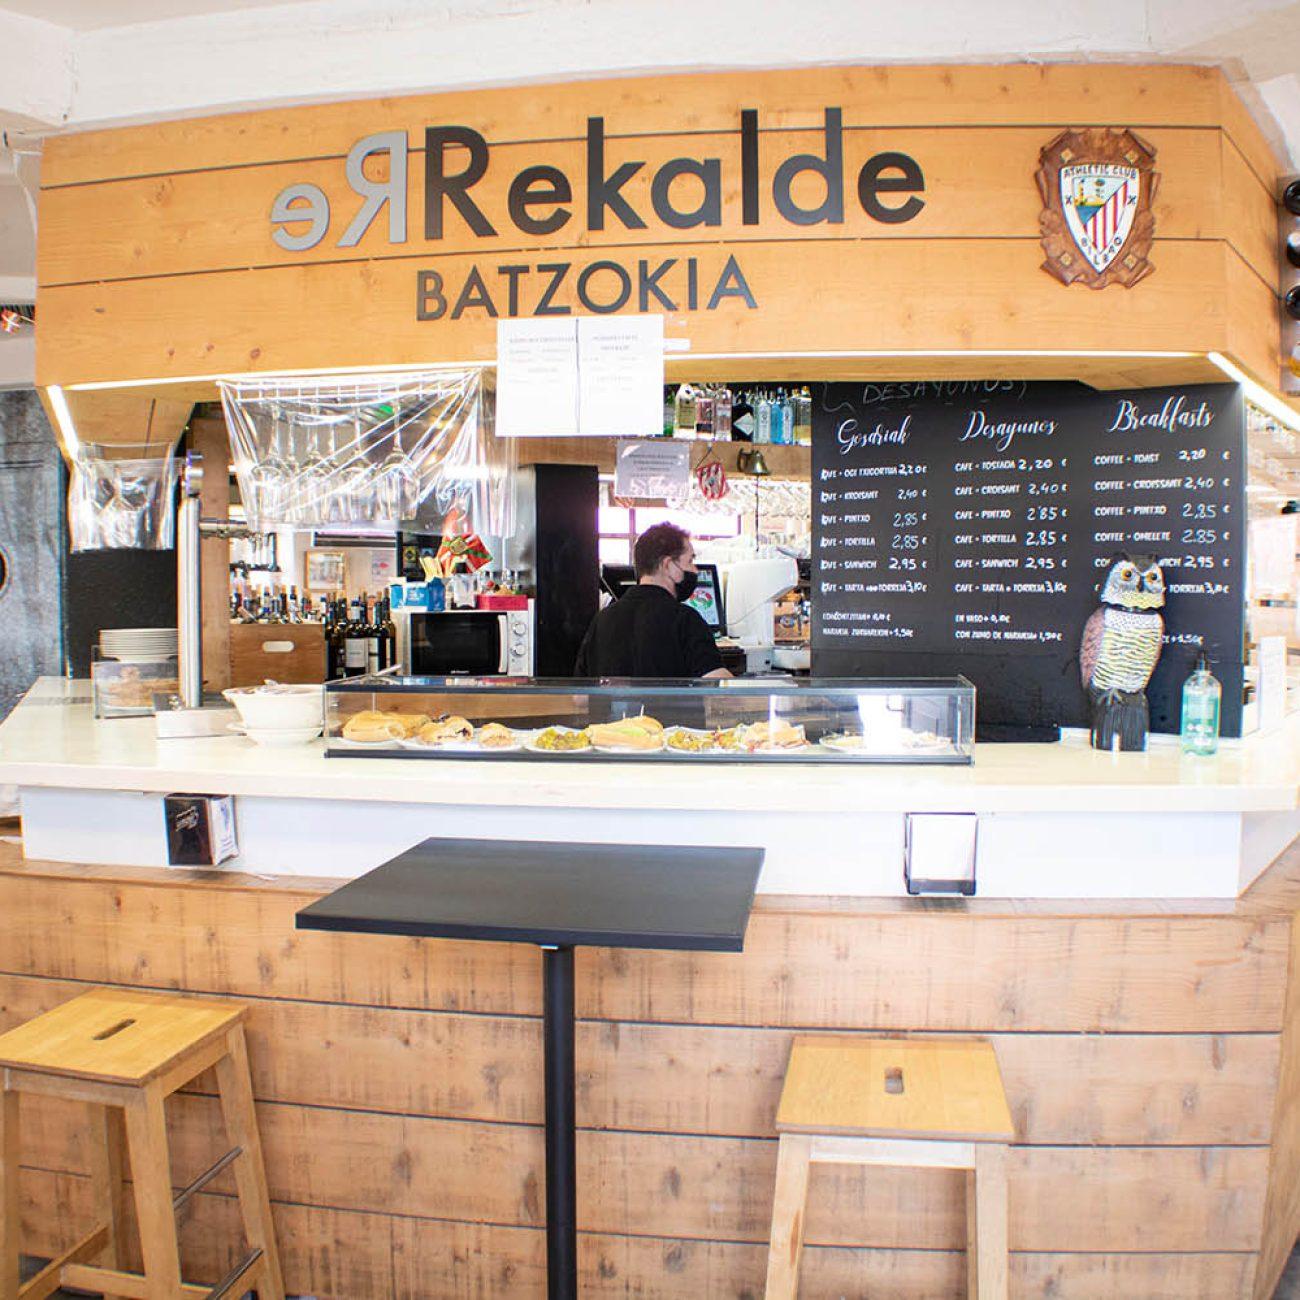 ERREKALDEKO BATZOKIA